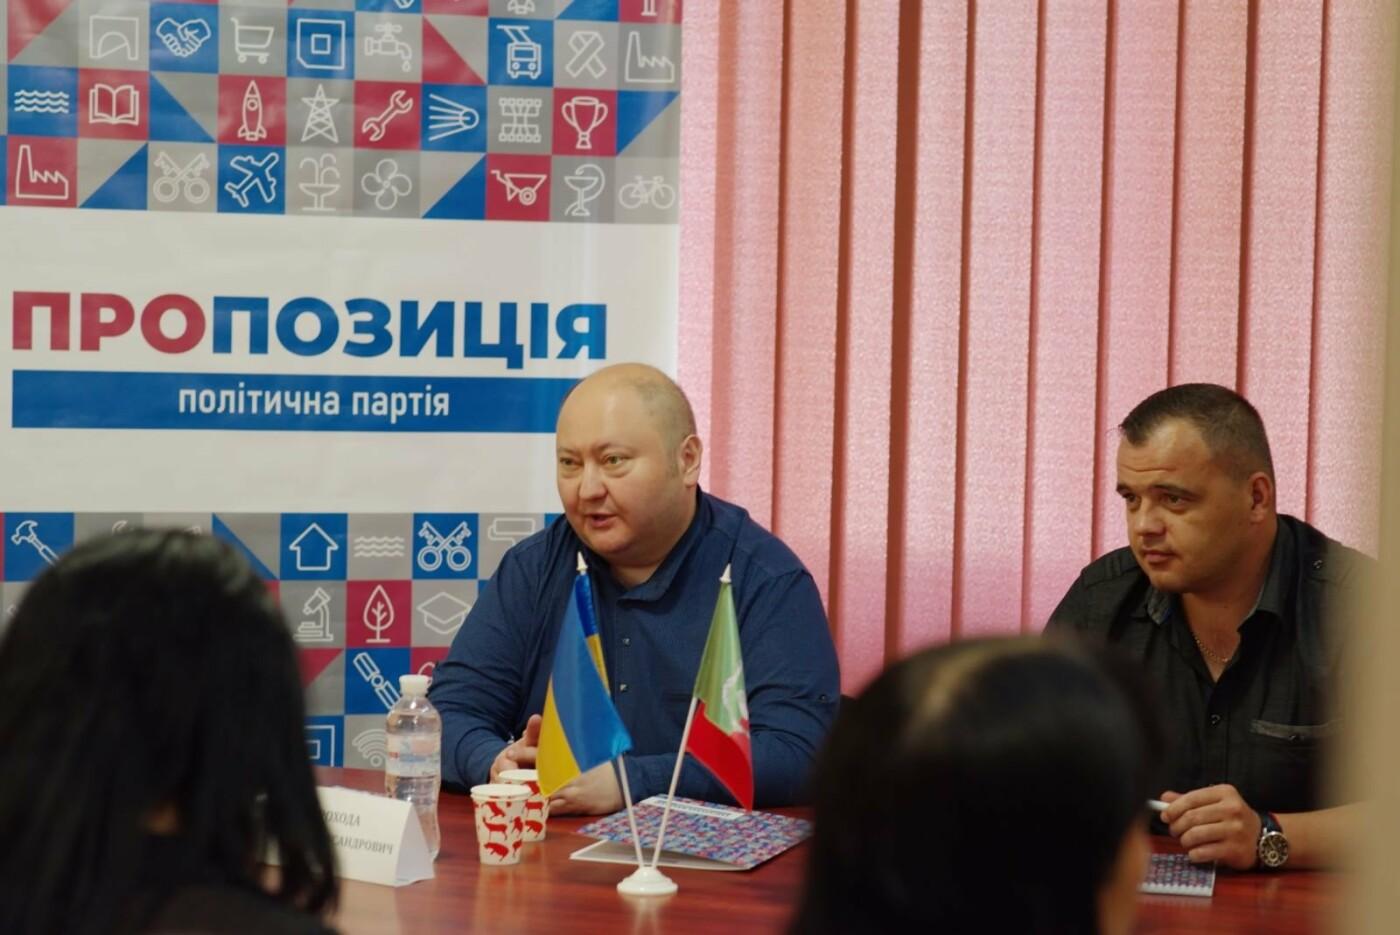 """Нова політсила вже діє: у Кривому Розі відкрито офіс та громадську приймальню партії """"Пропозиція"""", фото-2"""